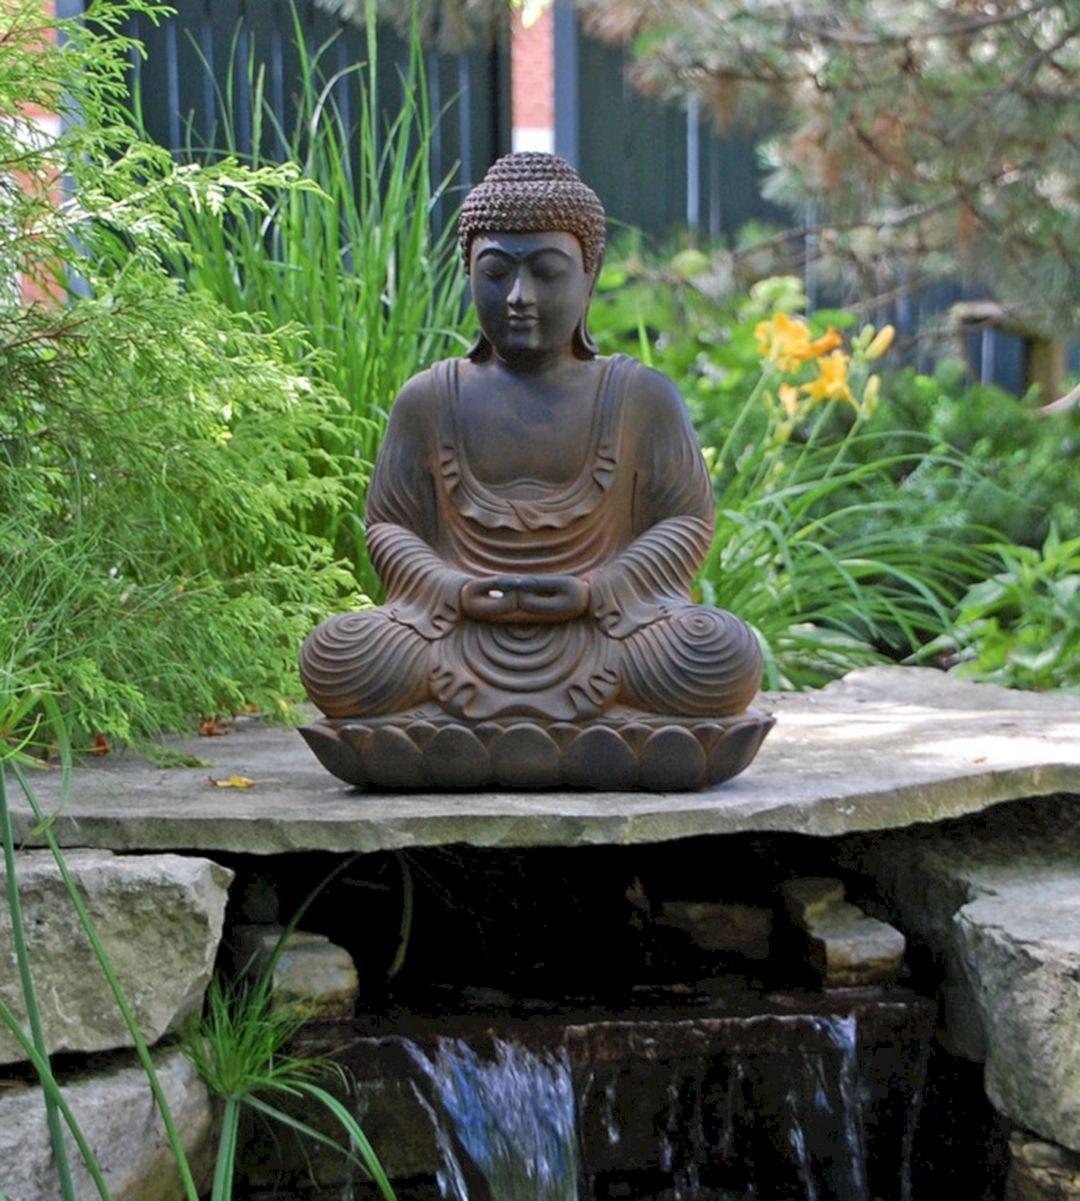 Meditating Buddha Garden Statues